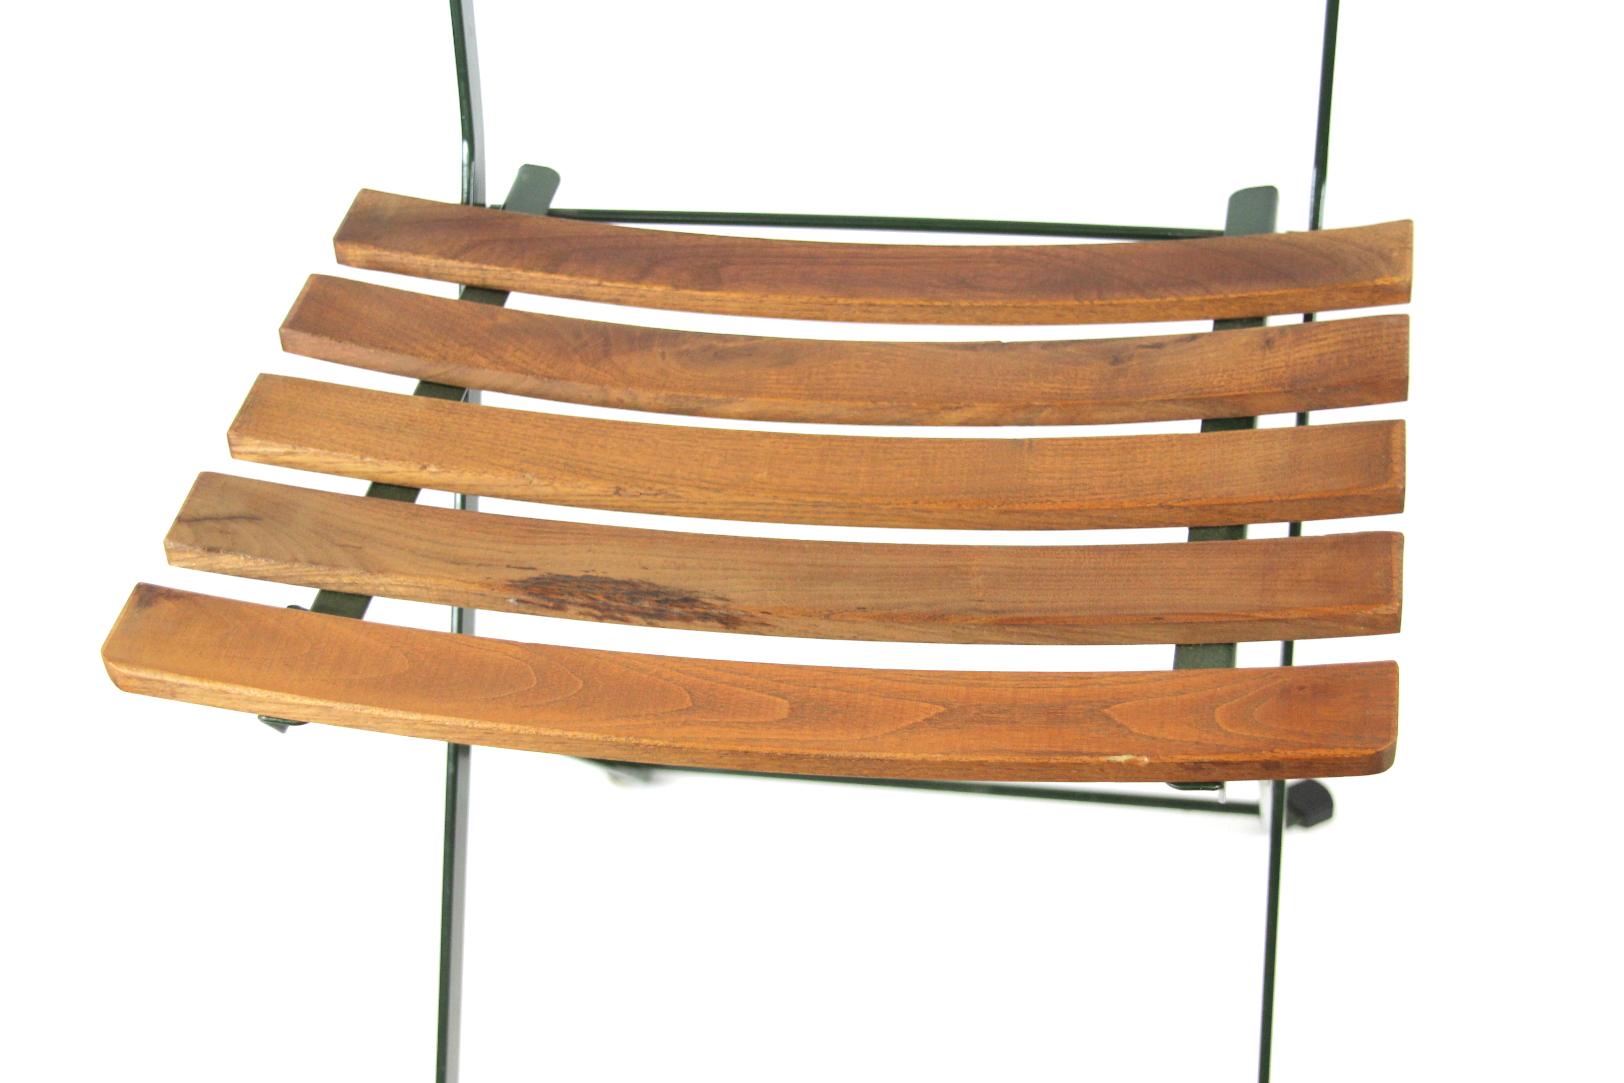 bequemer klappstuhl m sitzauflage 42x43x84 cm garten stuhl holz metall terrasse ebay. Black Bedroom Furniture Sets. Home Design Ideas